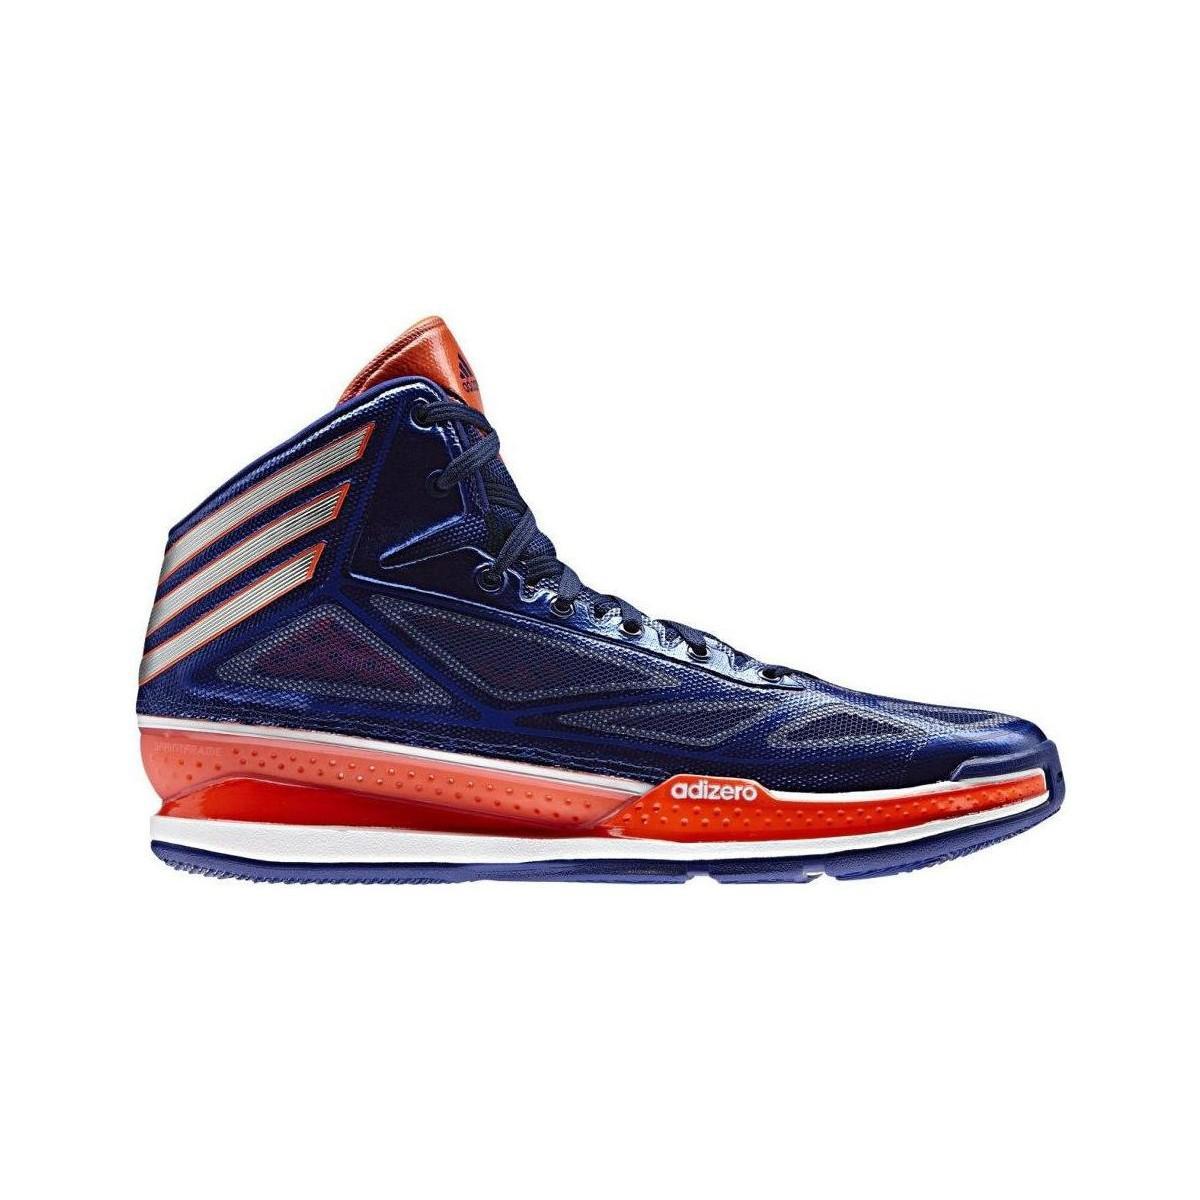 quality design 13efe 4a22c adidas Adizero Crazy Light Mens Basketball Trainers (shoes)